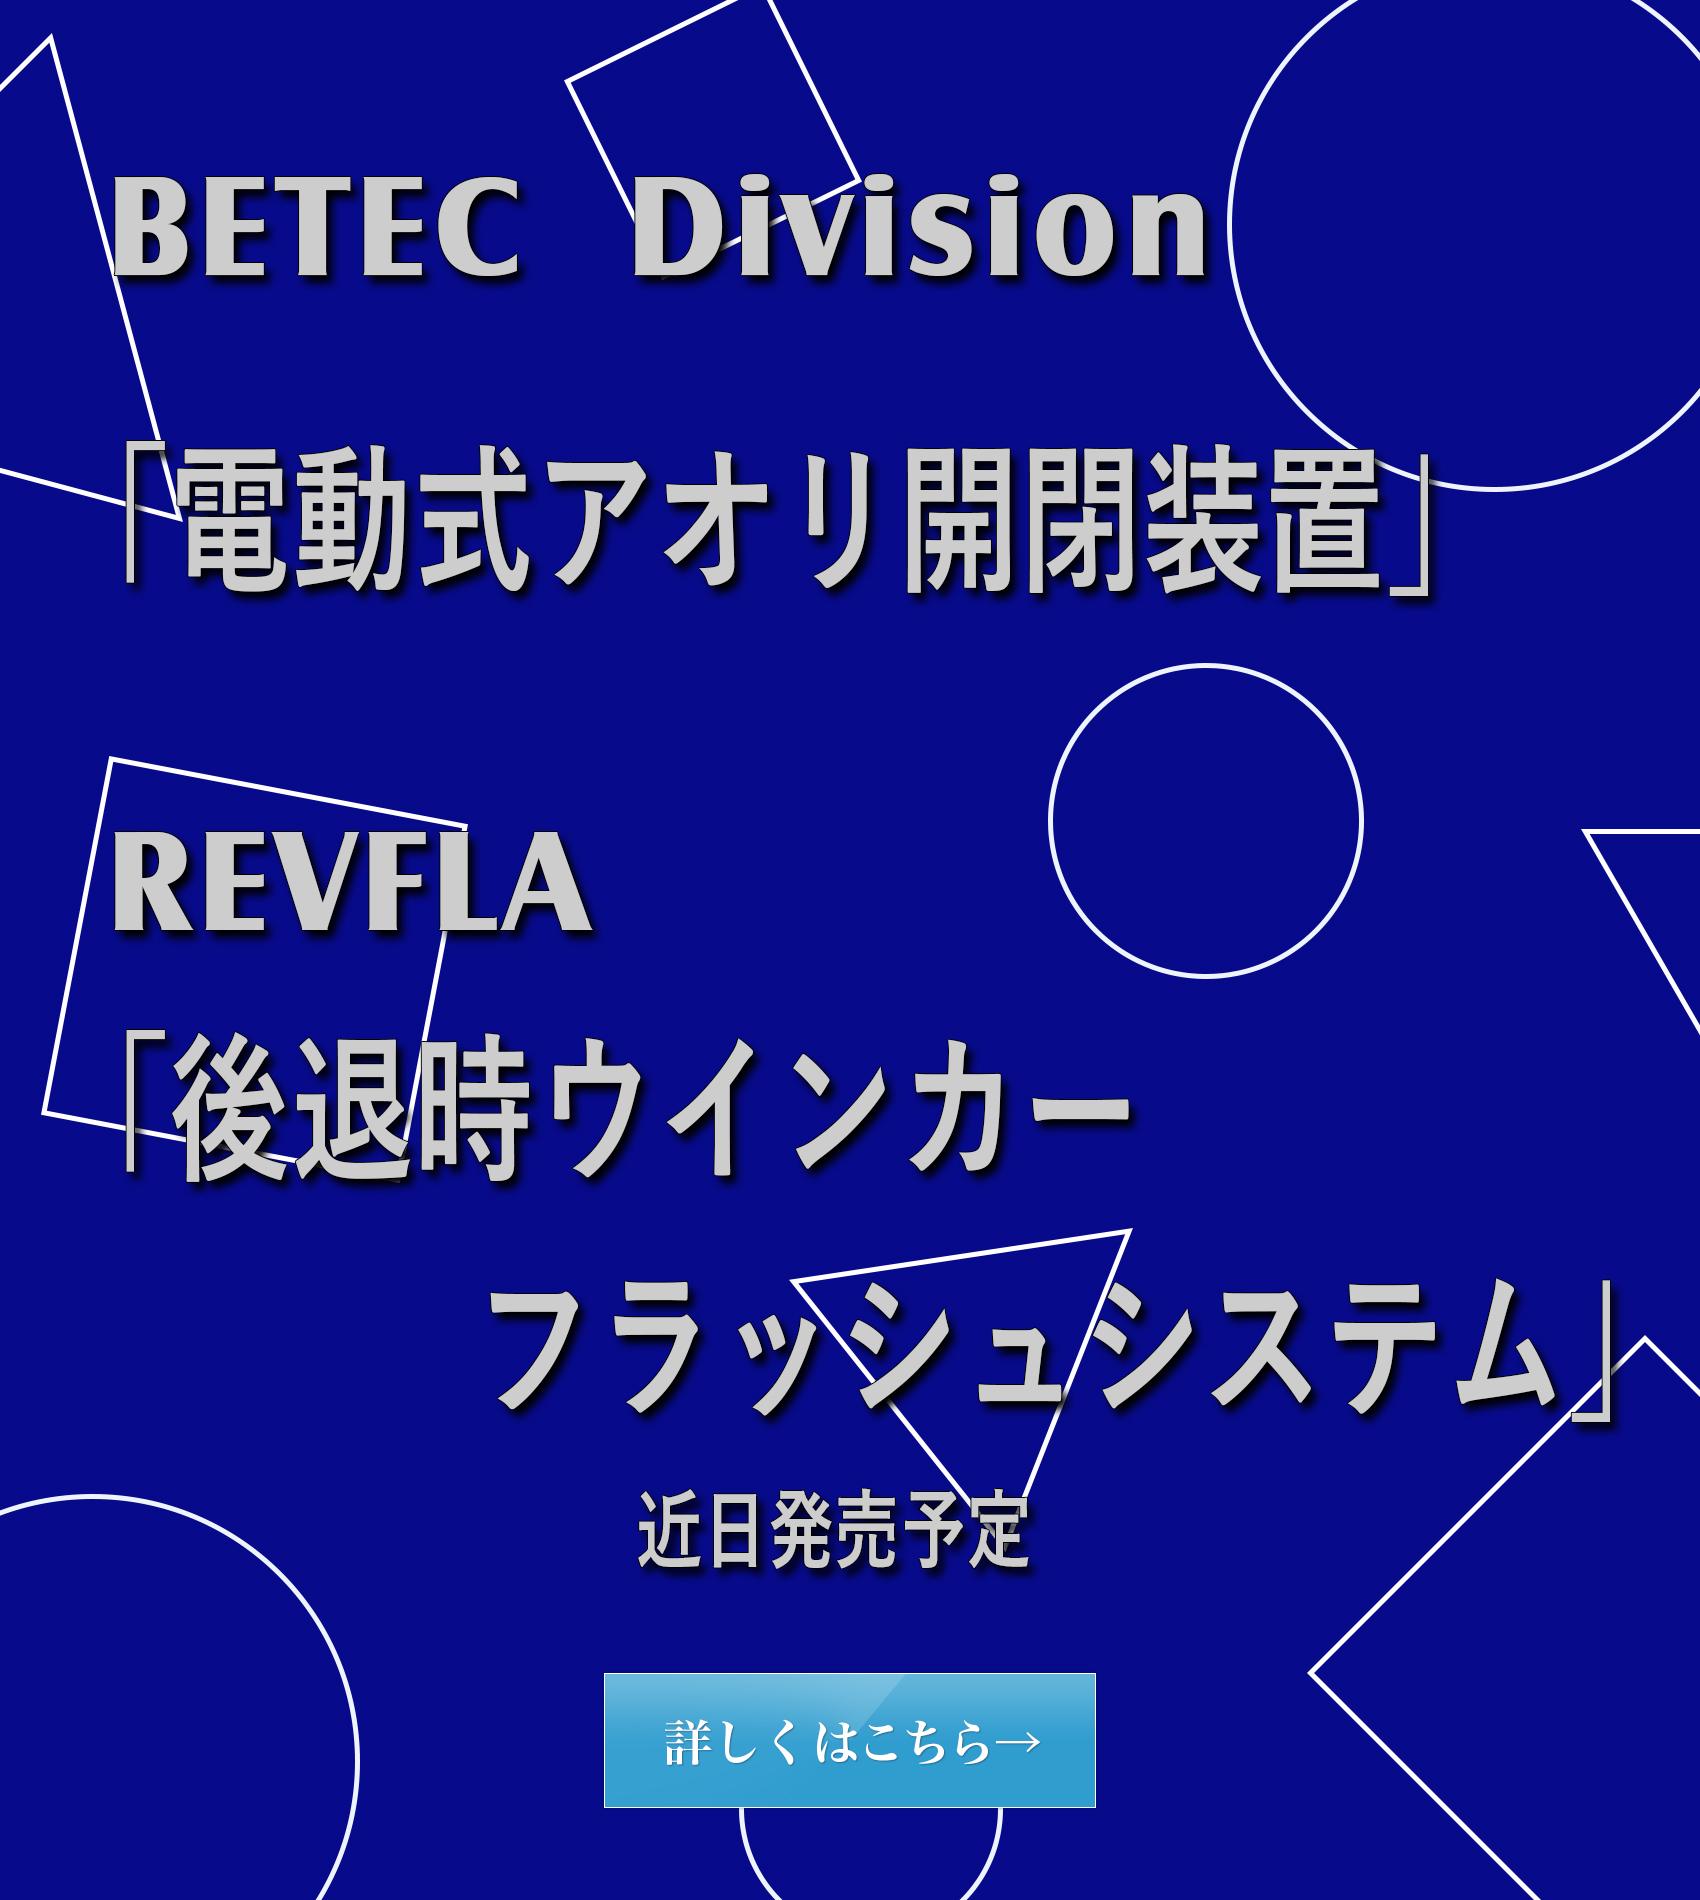 BETEC事業部はこちら